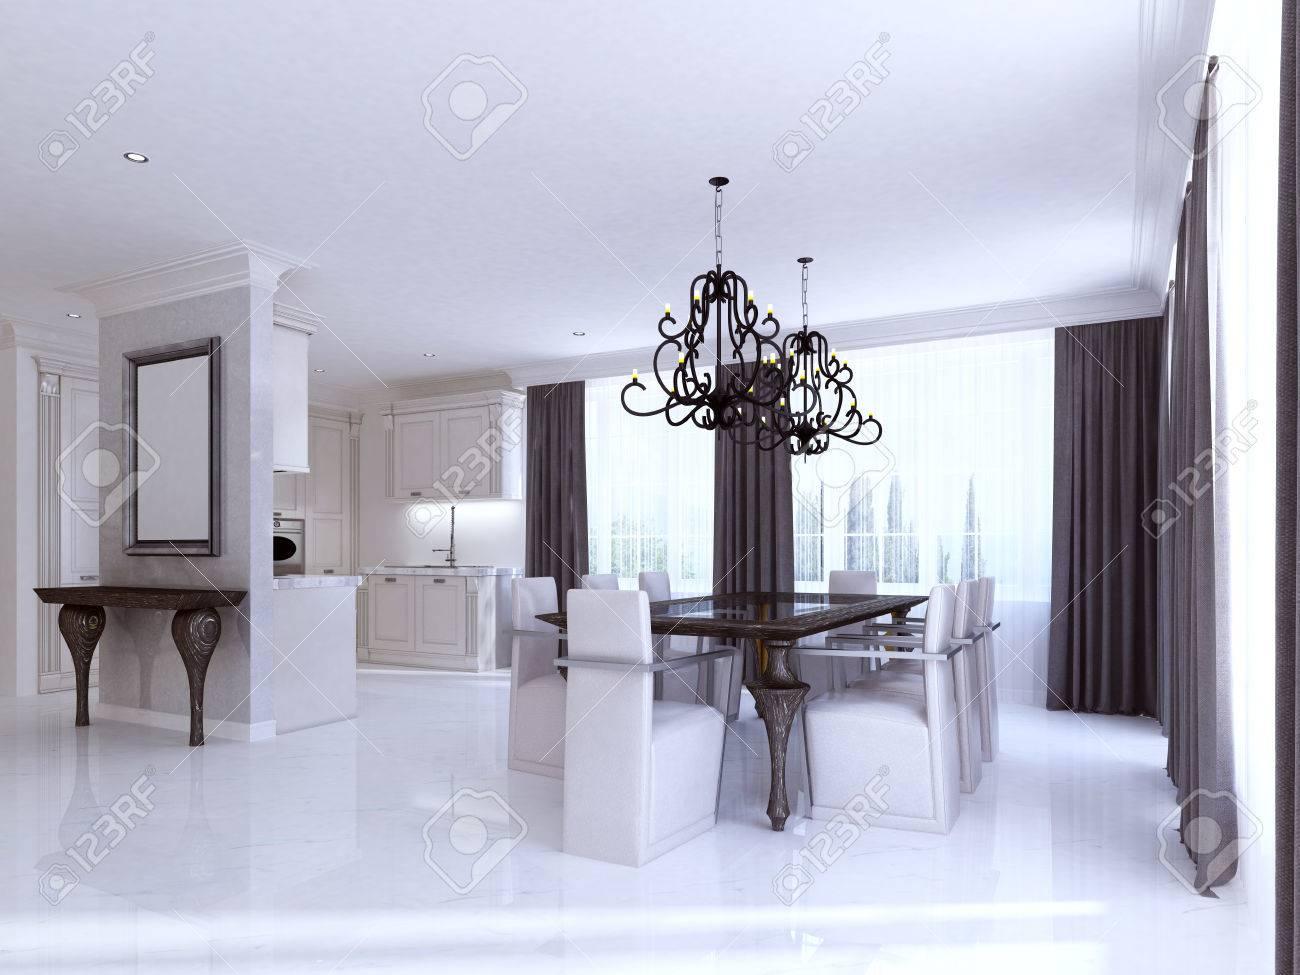 Klassische Weiße Küche-Esszimmer Im Stil Der Art Deco. Großer ...